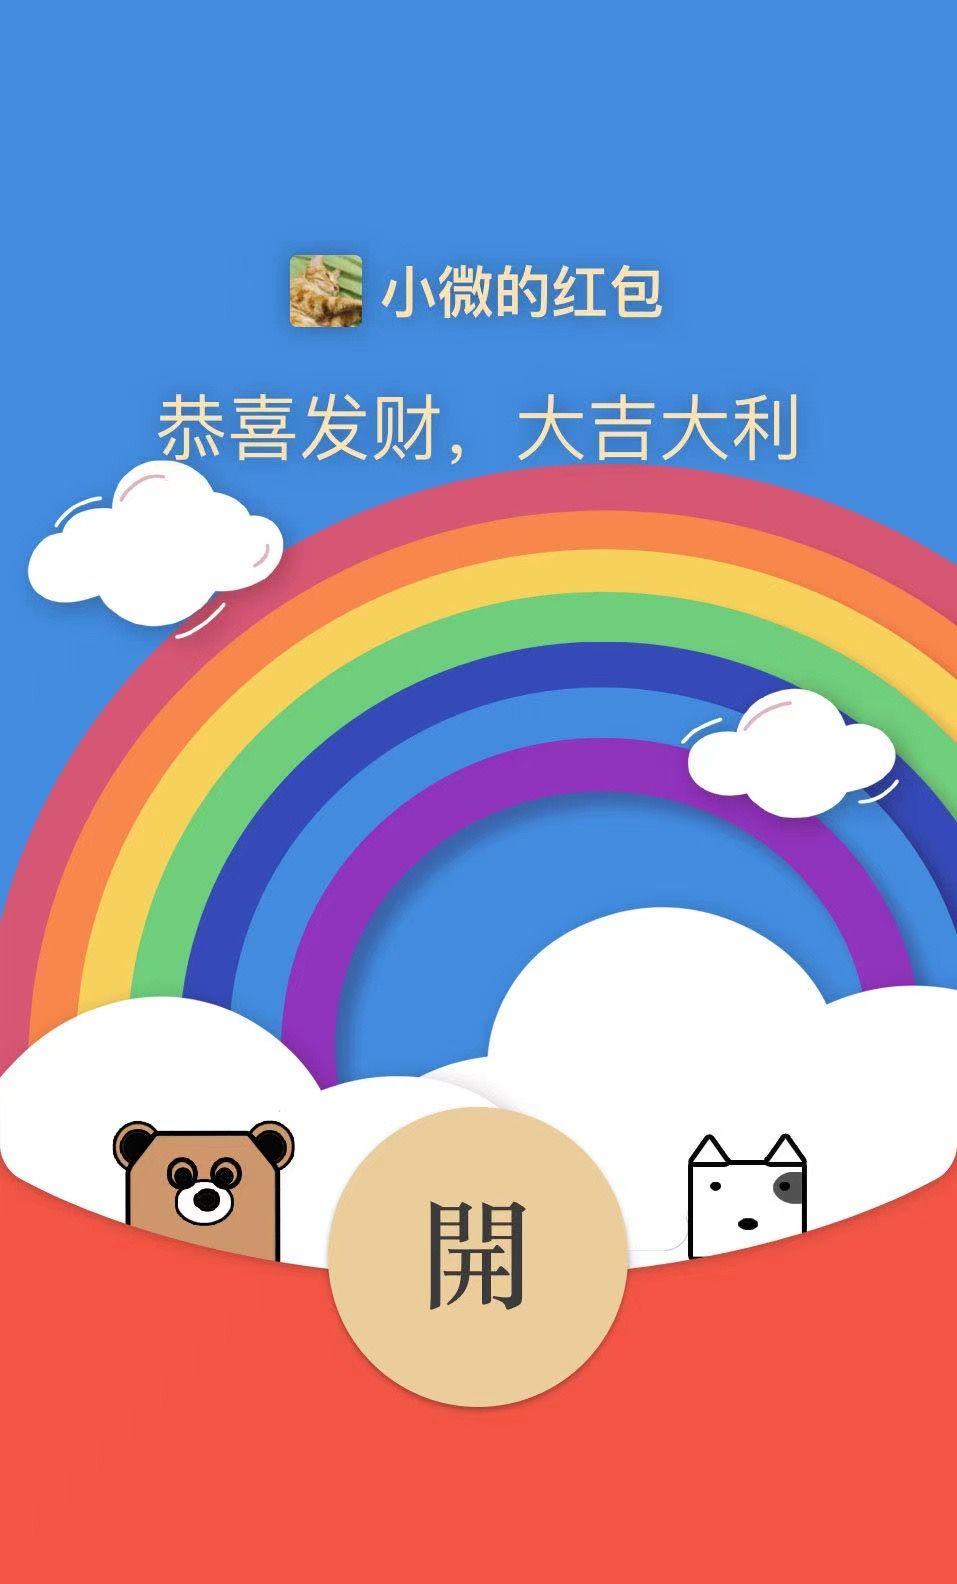 彩虹狗狗.jpg